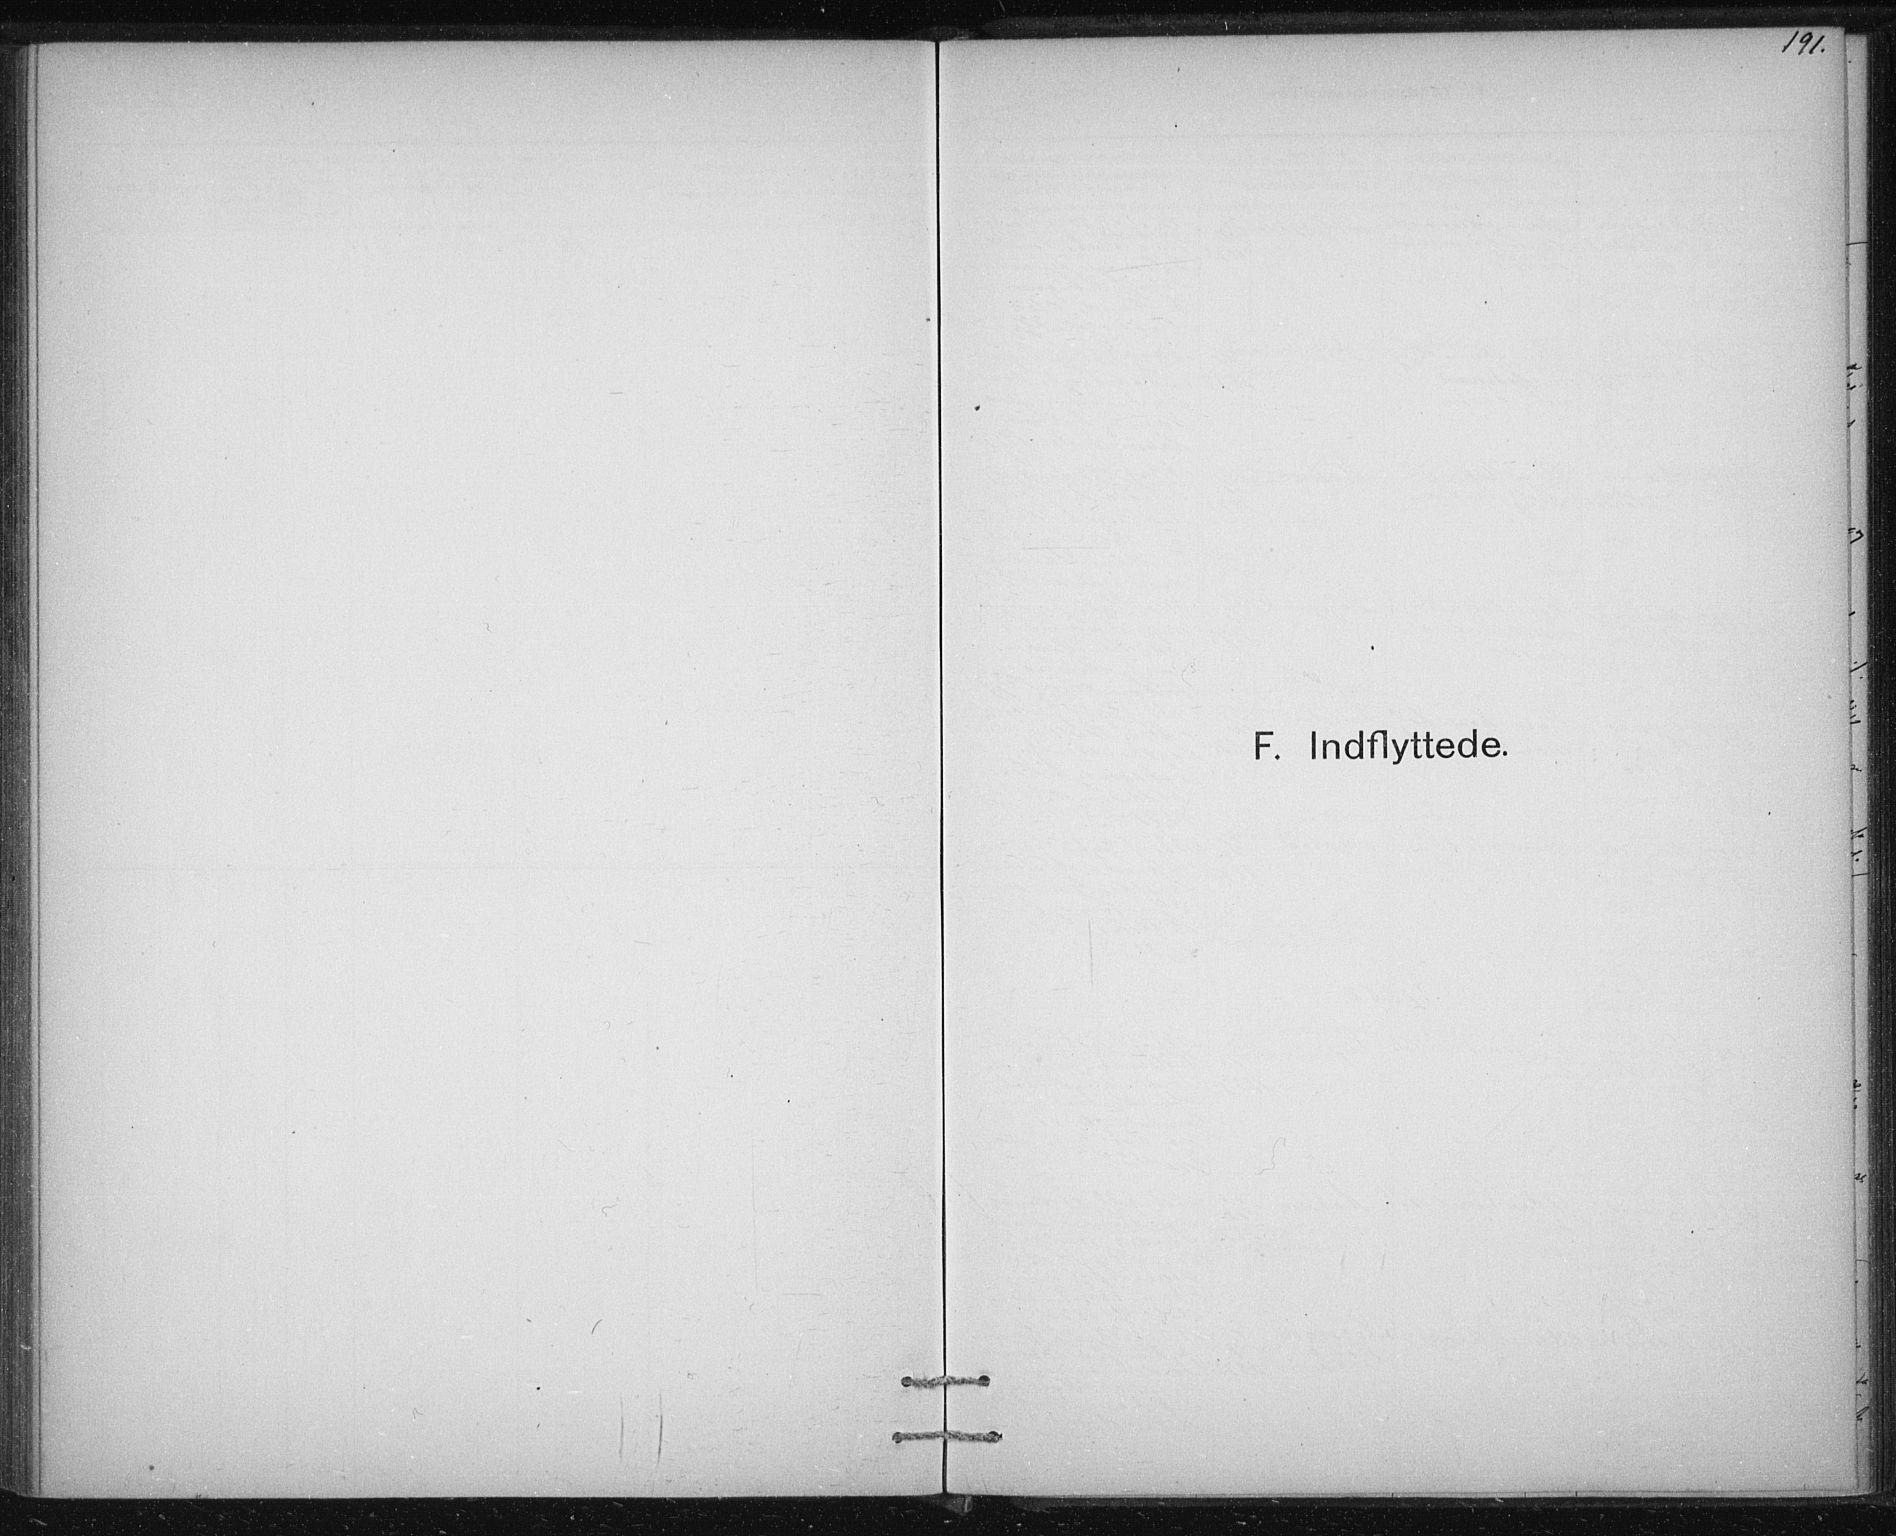 SAT, Ministerialprotokoller, klokkerbøker og fødselsregistre - Sør-Trøndelag, 613/L0392: Ministerialbok nr. 613A01, 1887-1906, s. 191